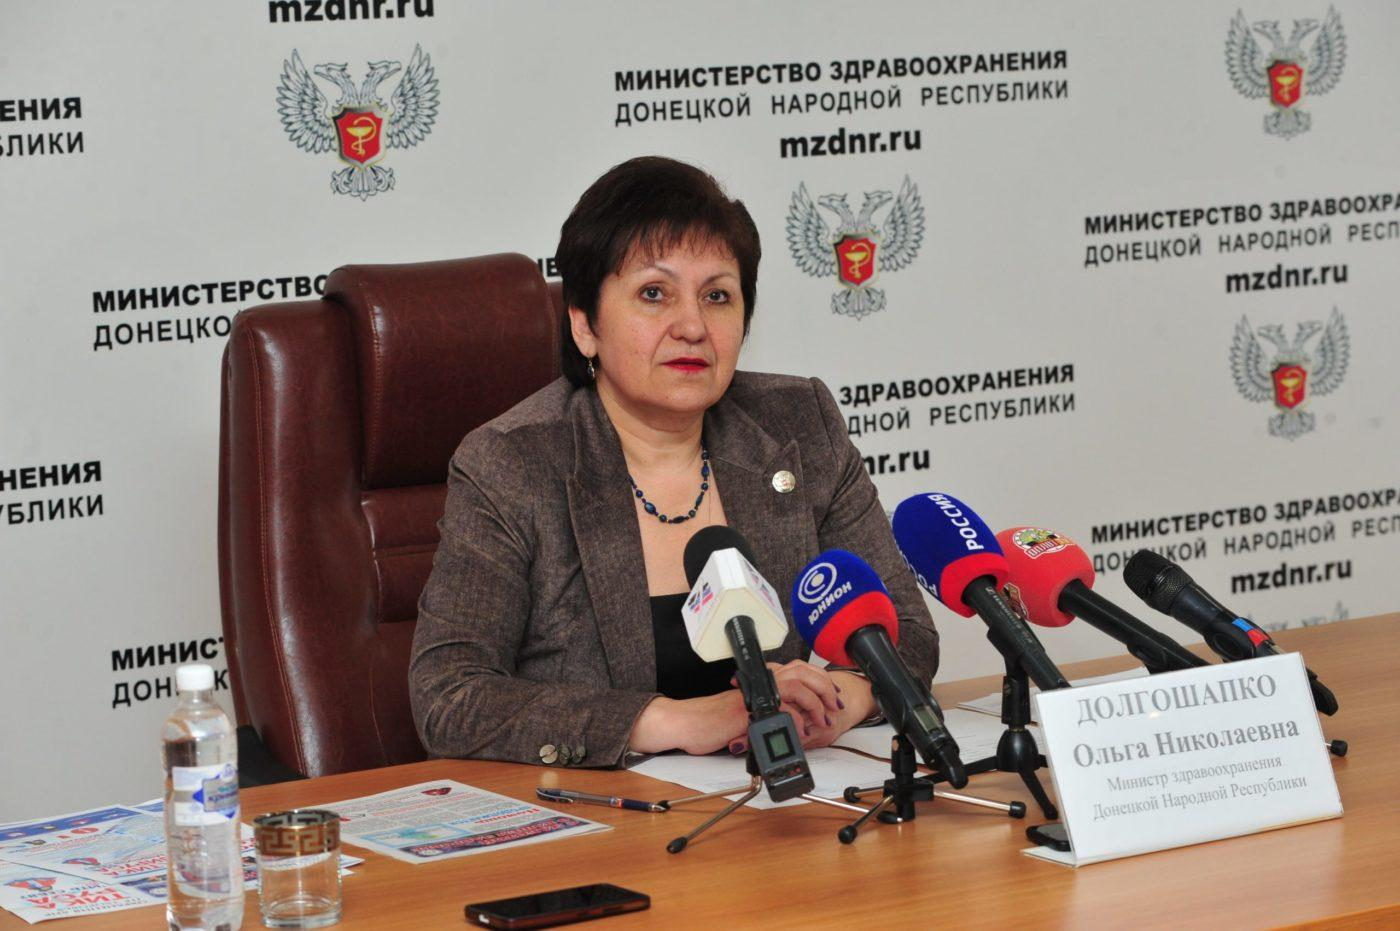 В ДНР есть более опасный вирус, нежели COVID-19